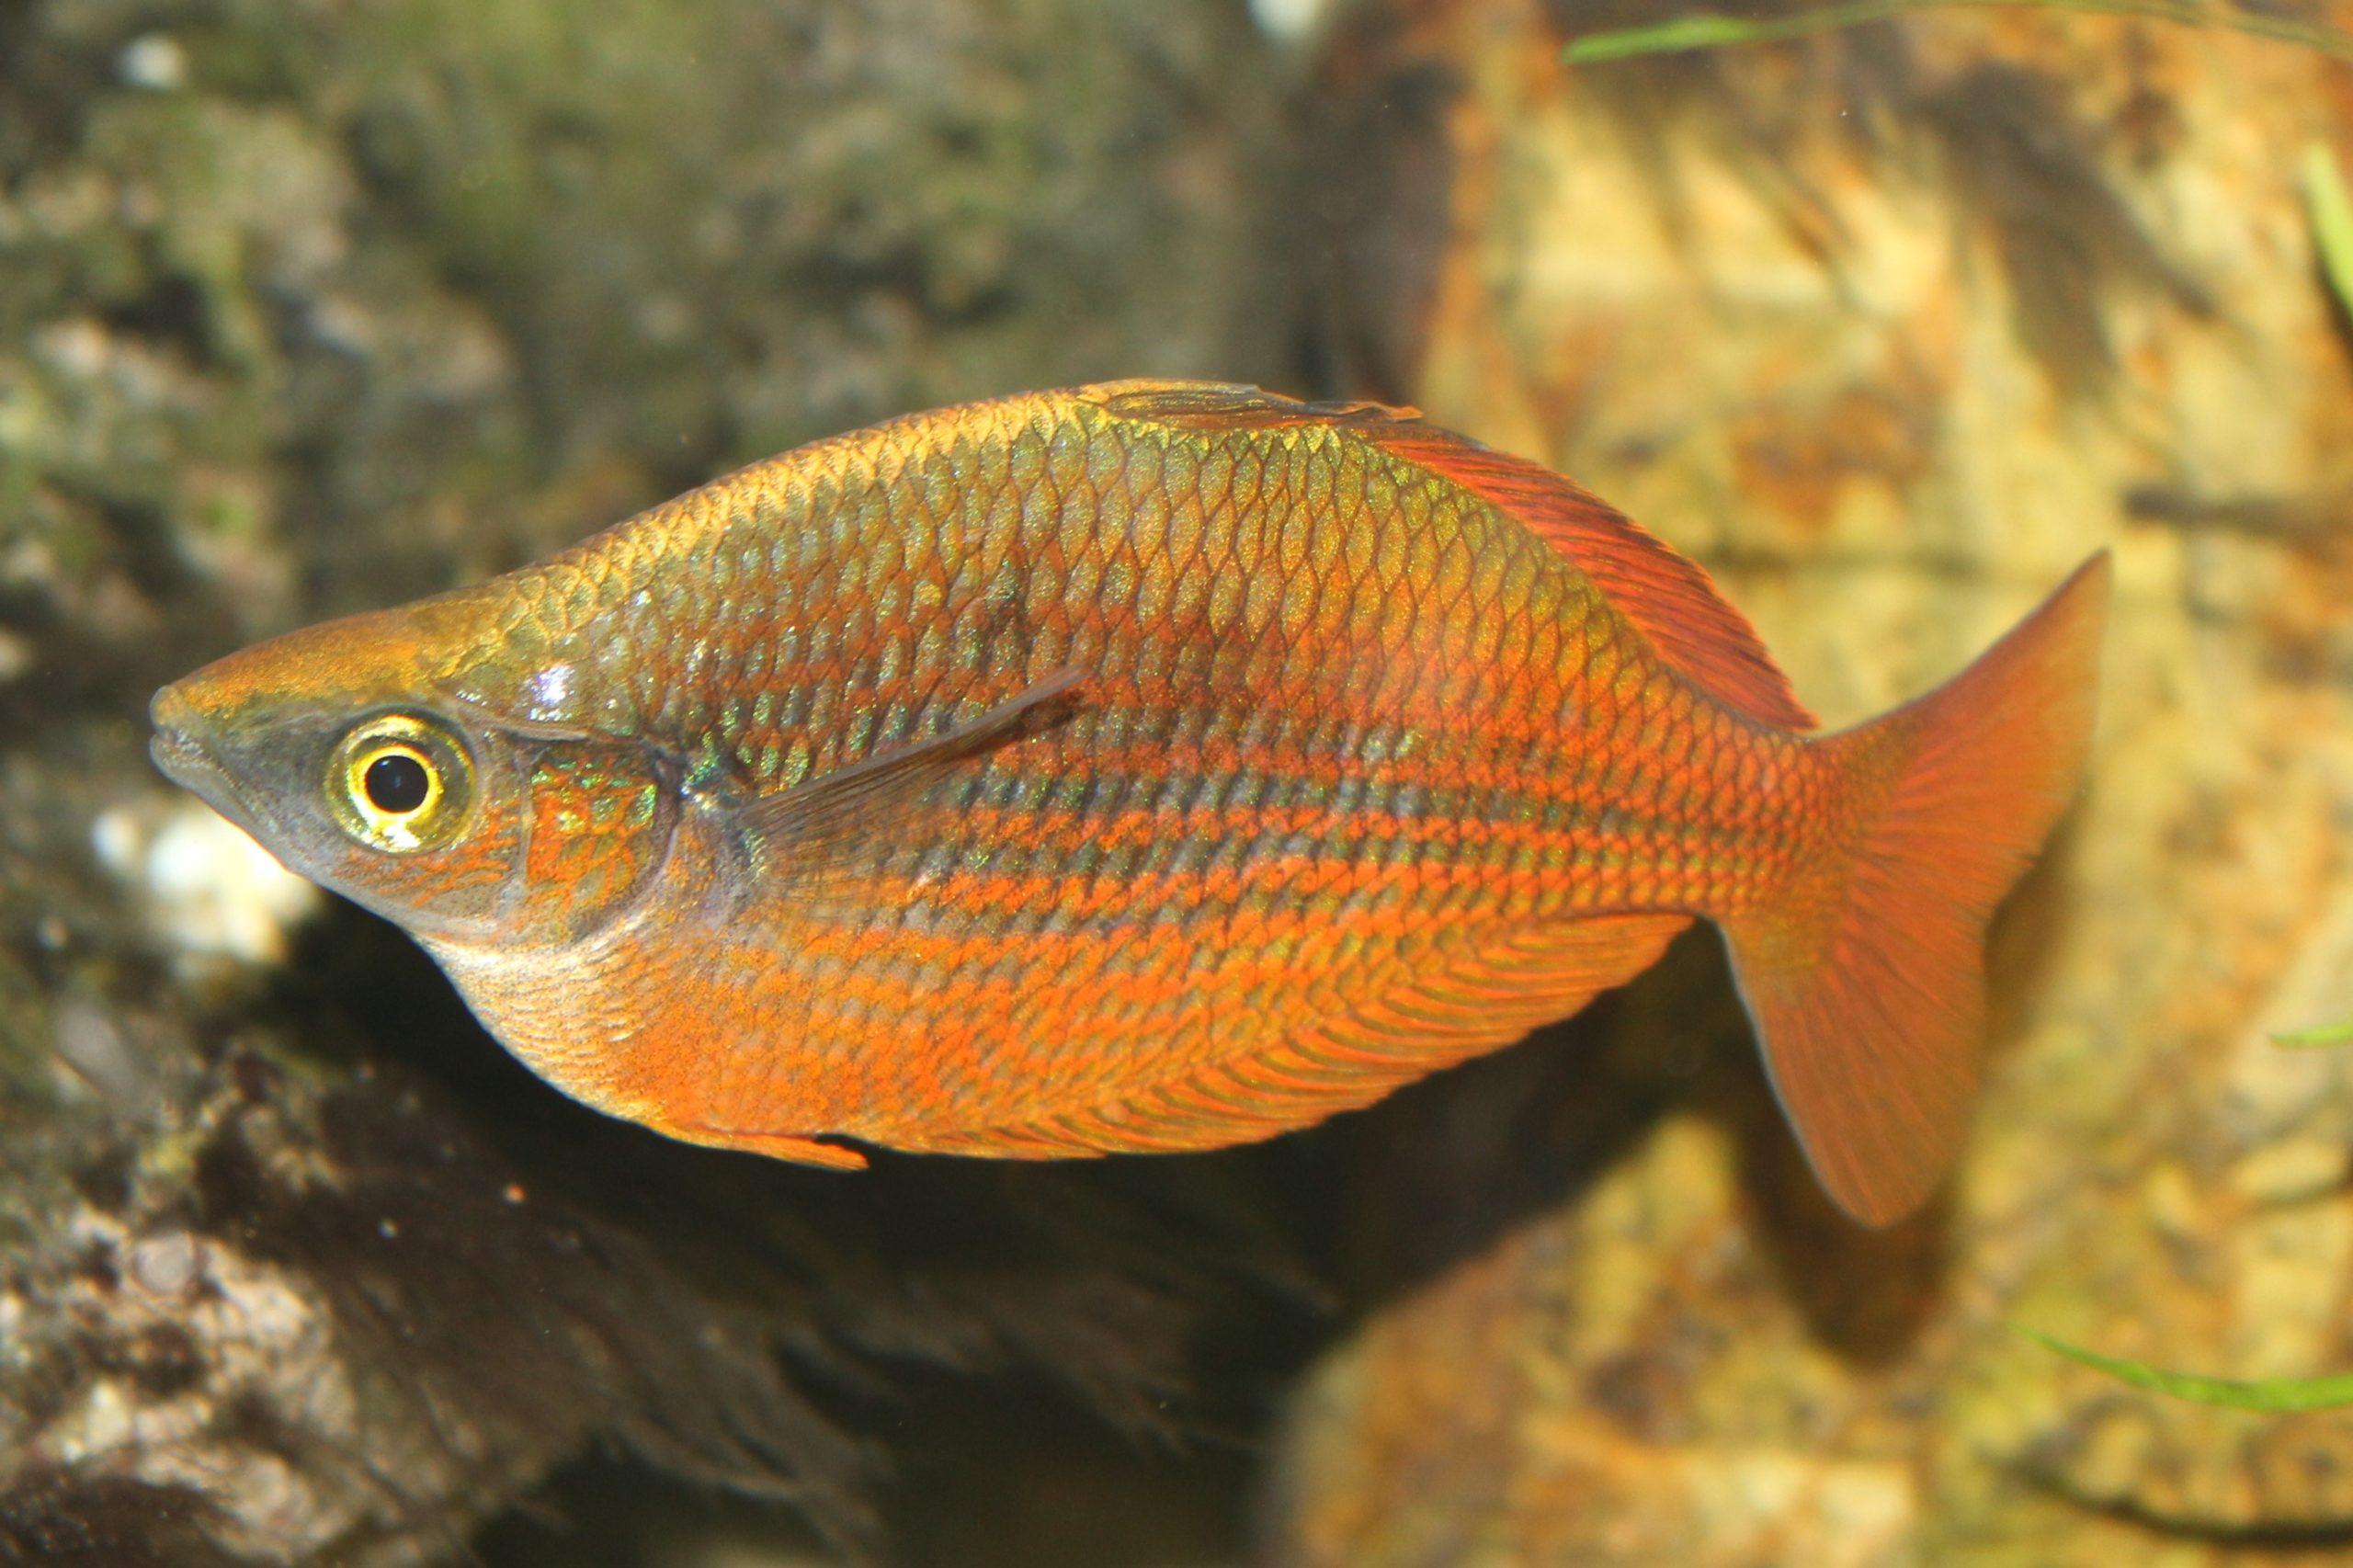 Lachsroter Regenbogenfisch im Aquarium